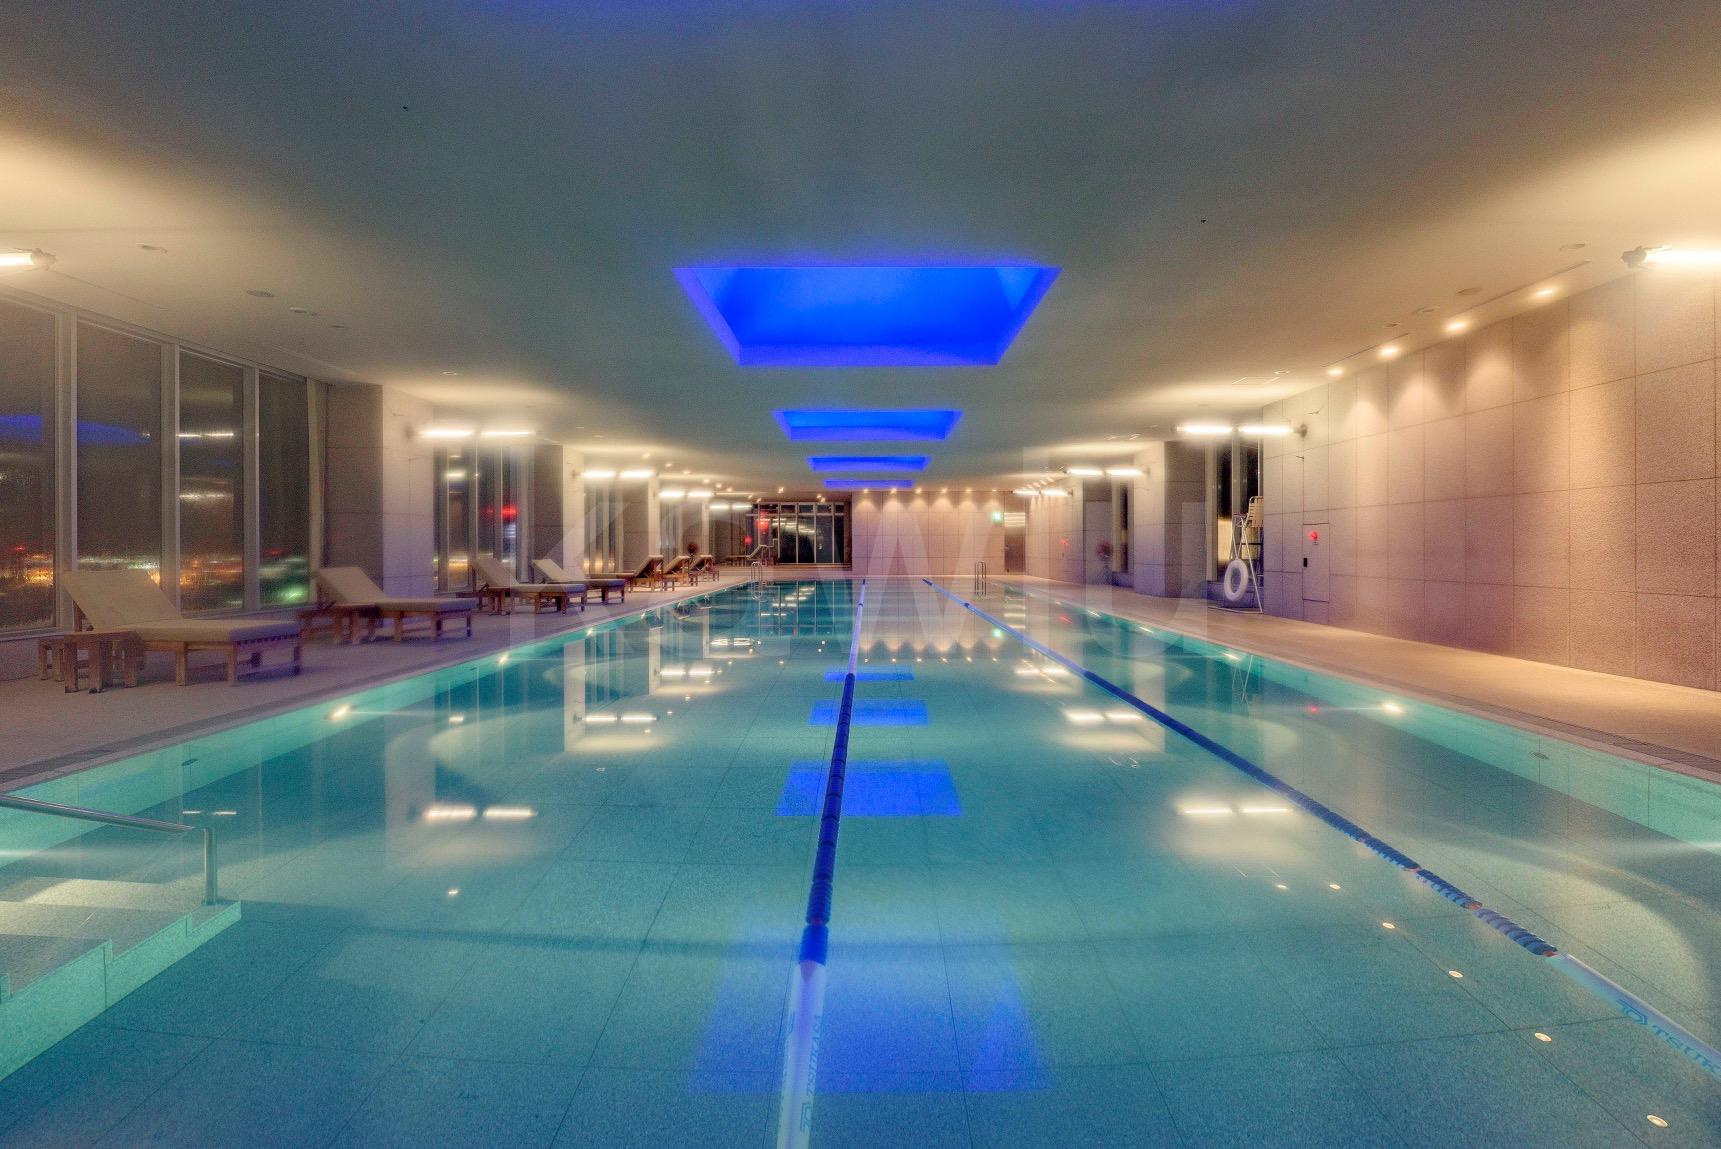 東京のプール付き高級マンション12棟をご紹介【都内で極上の暮らし】